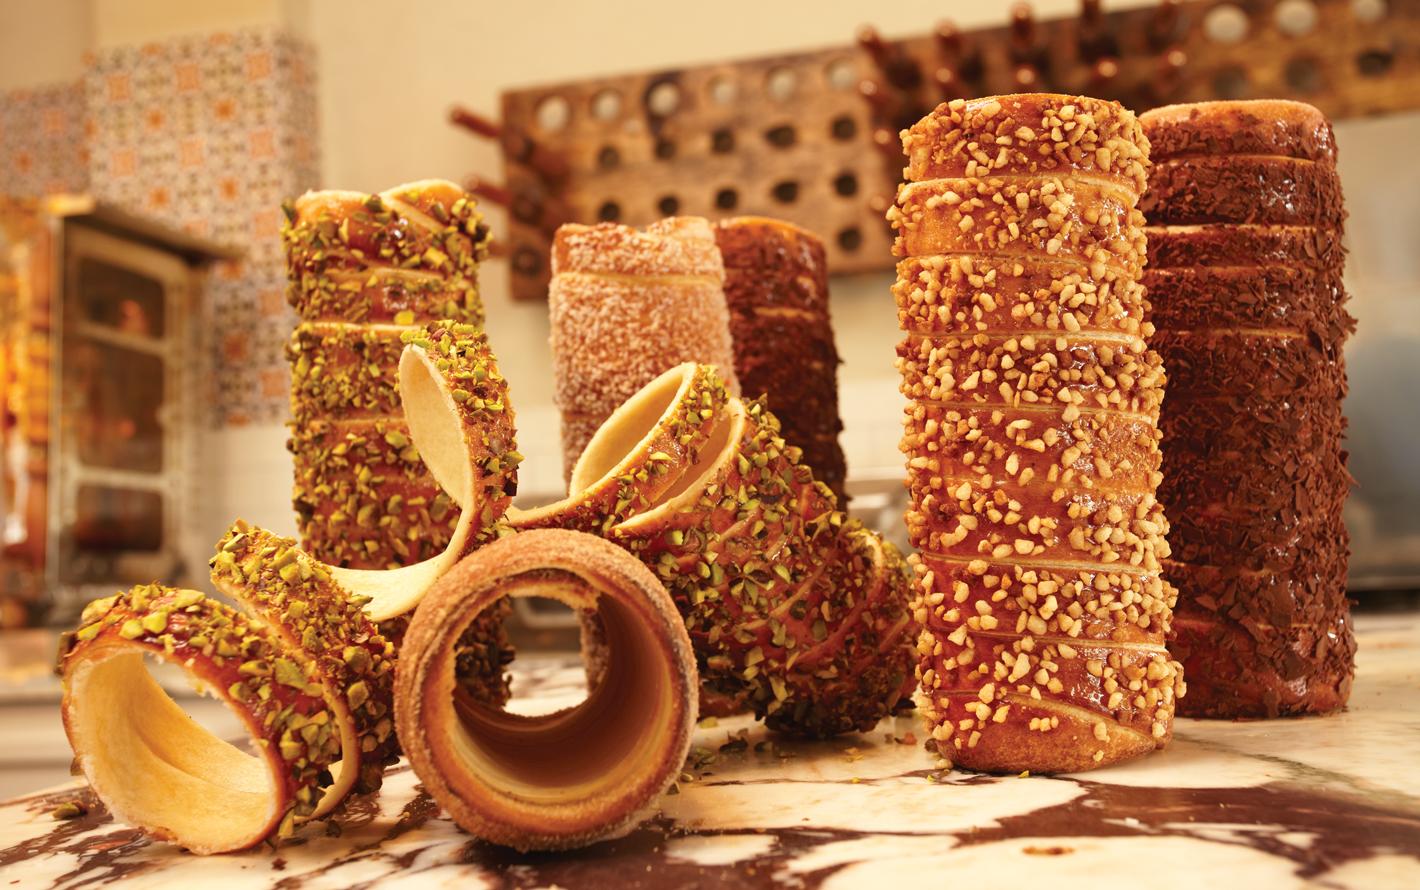 Kurtosh's famous chimney cakes.